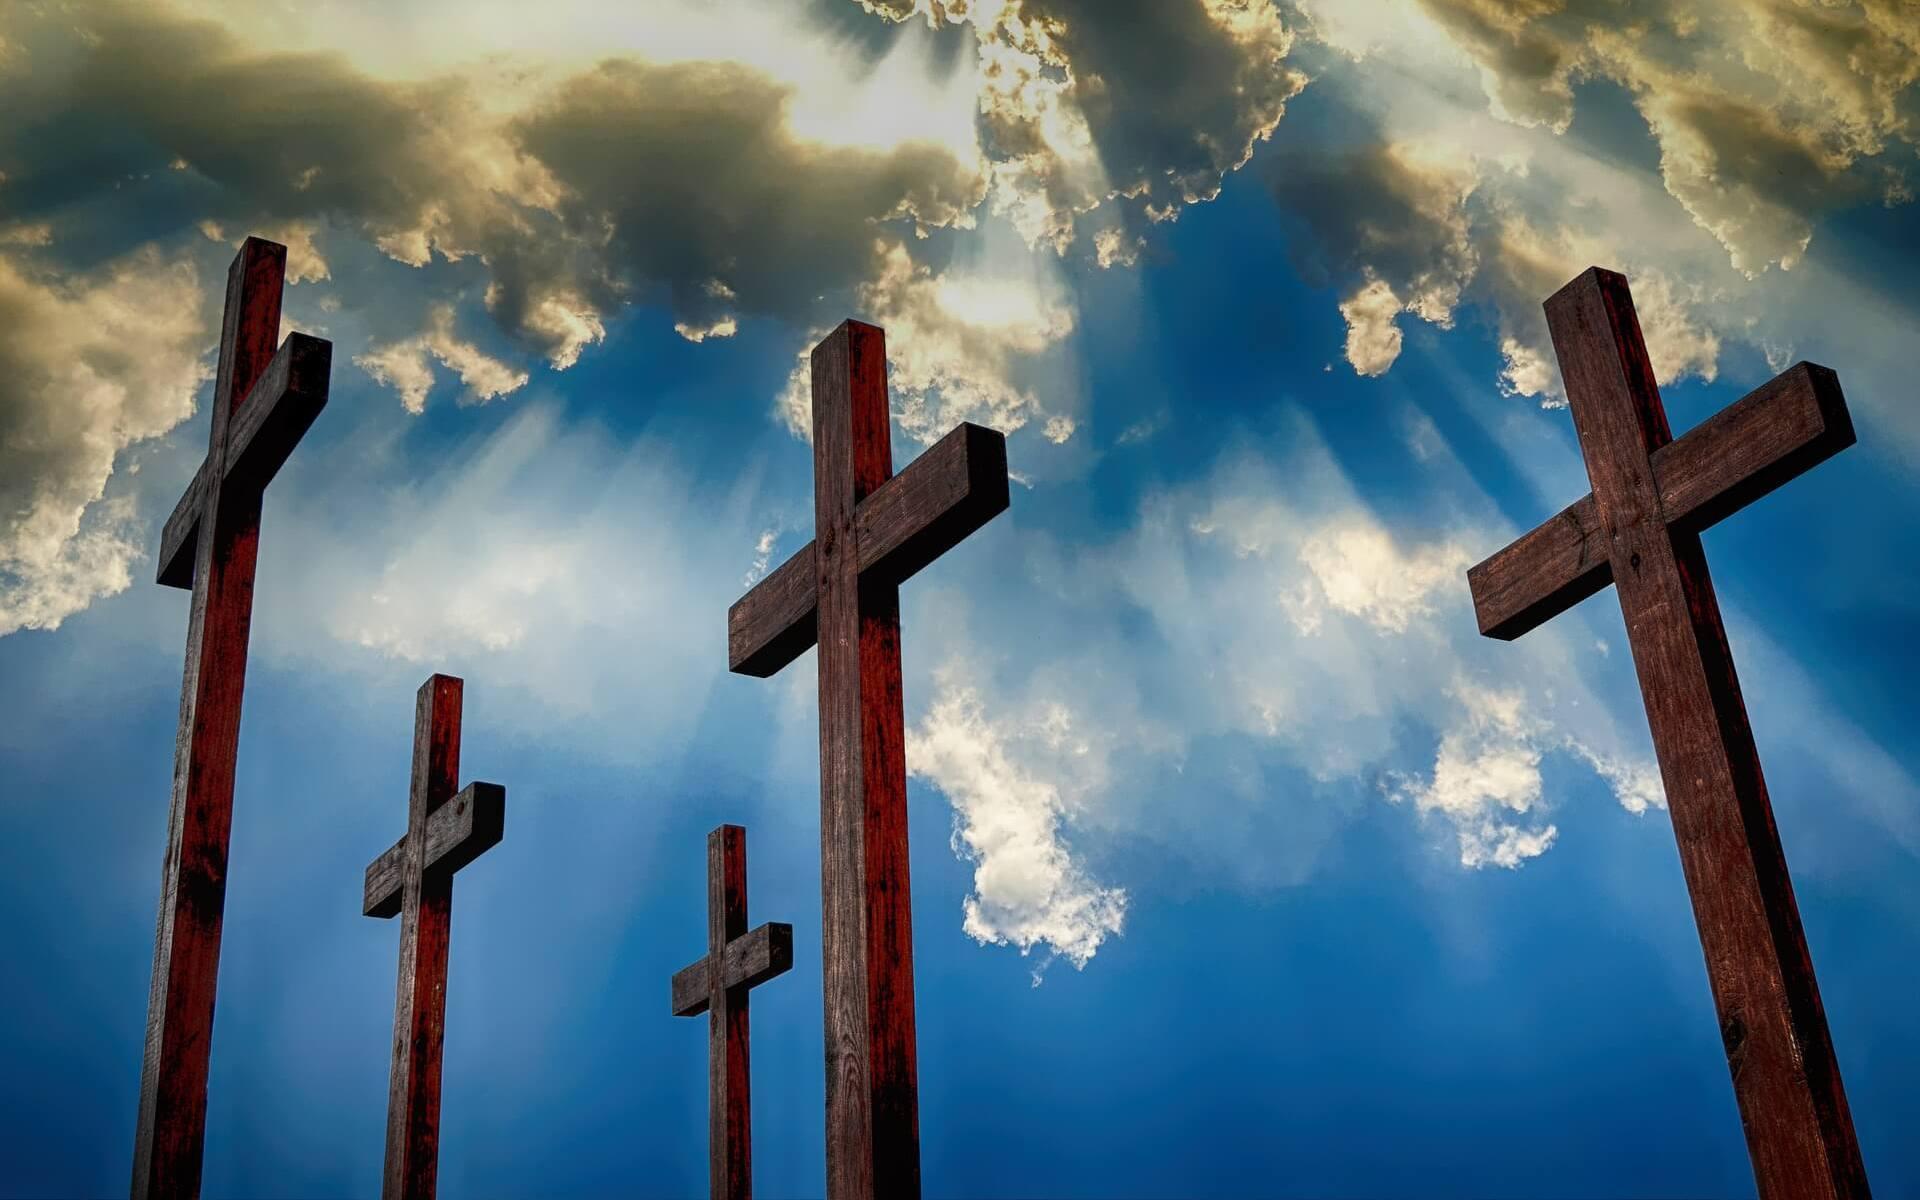 Kreuze und Himmel. Wer ist Jesus?